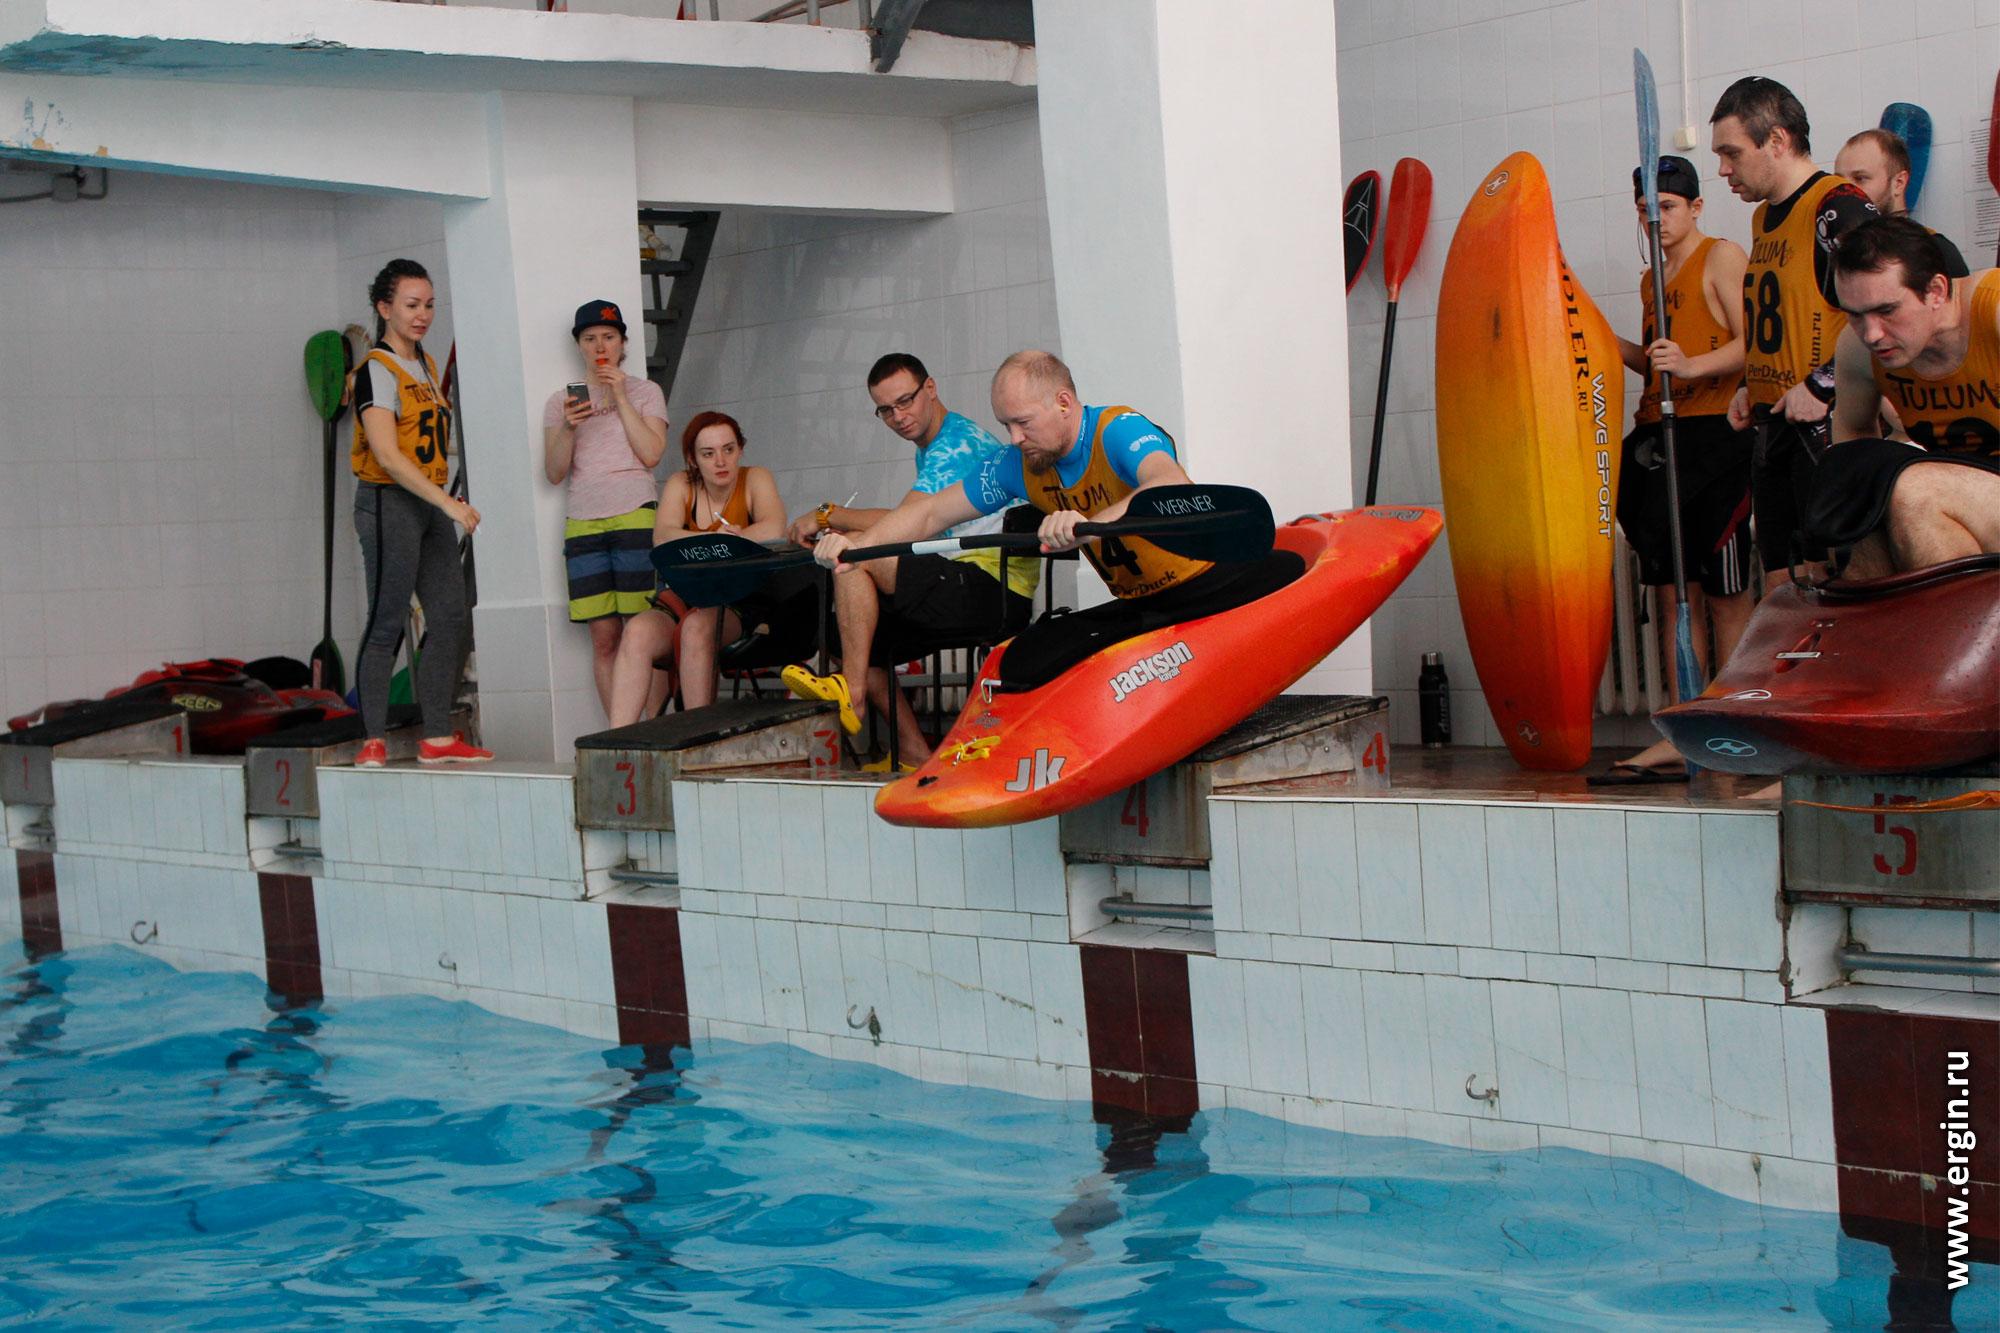 Открытый Чемпионат Пермского края по фристайлу на бурной воде на каяках в бассейне